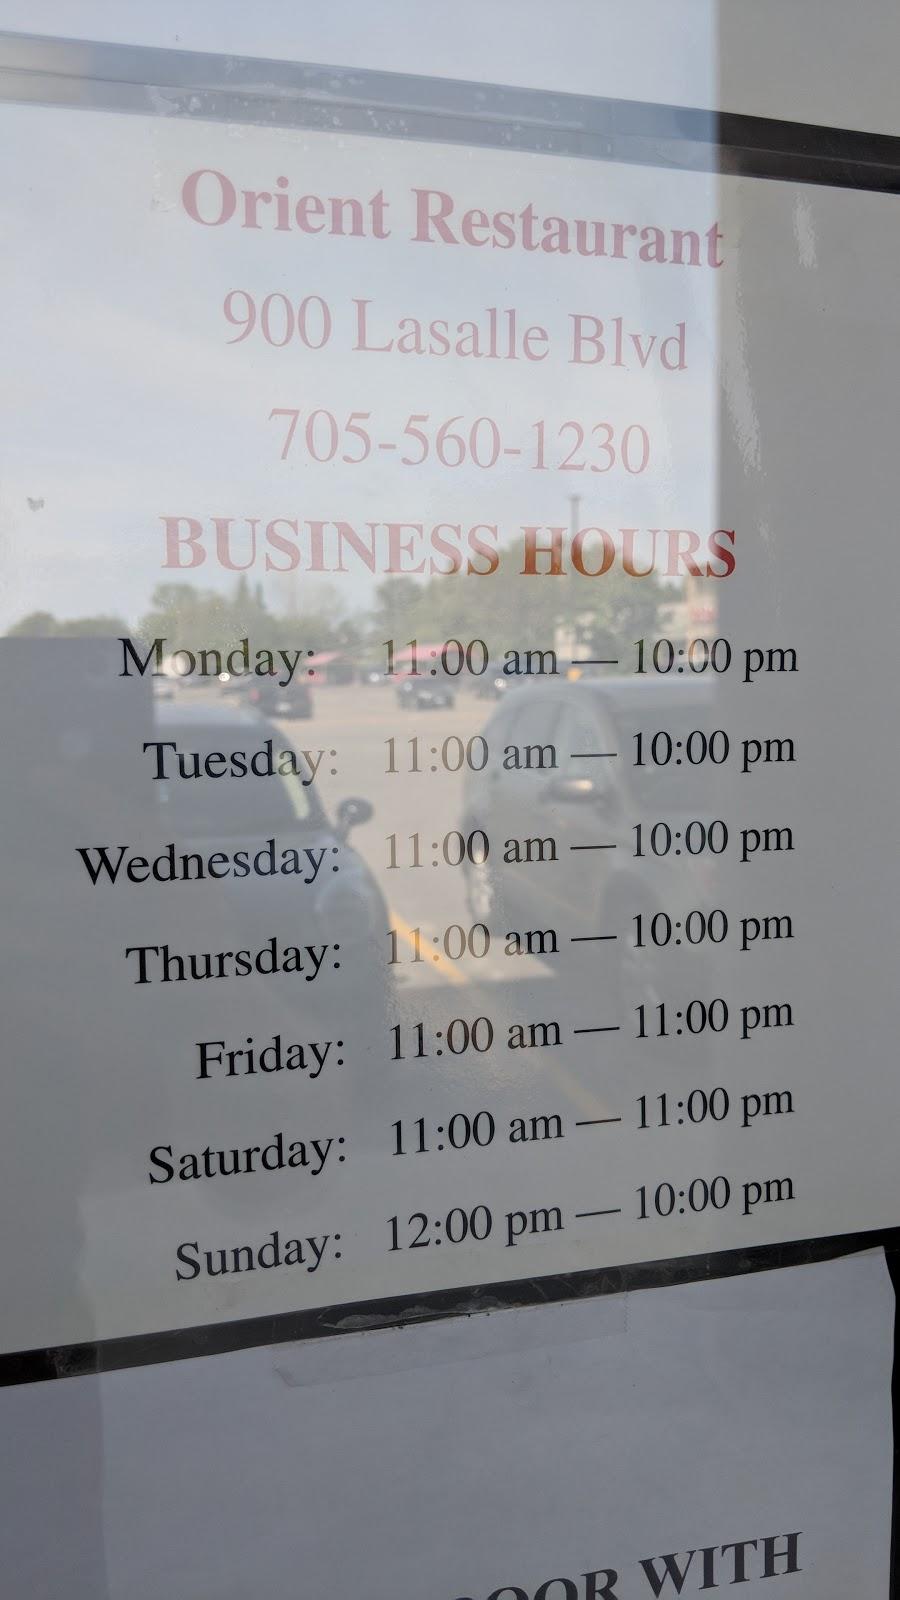 Orient Restaurant | restaurant | 900 Lasalle Blvd, Sudbury, ON P3A 5W8, Canada | 7055601230 OR +1 705-560-1230